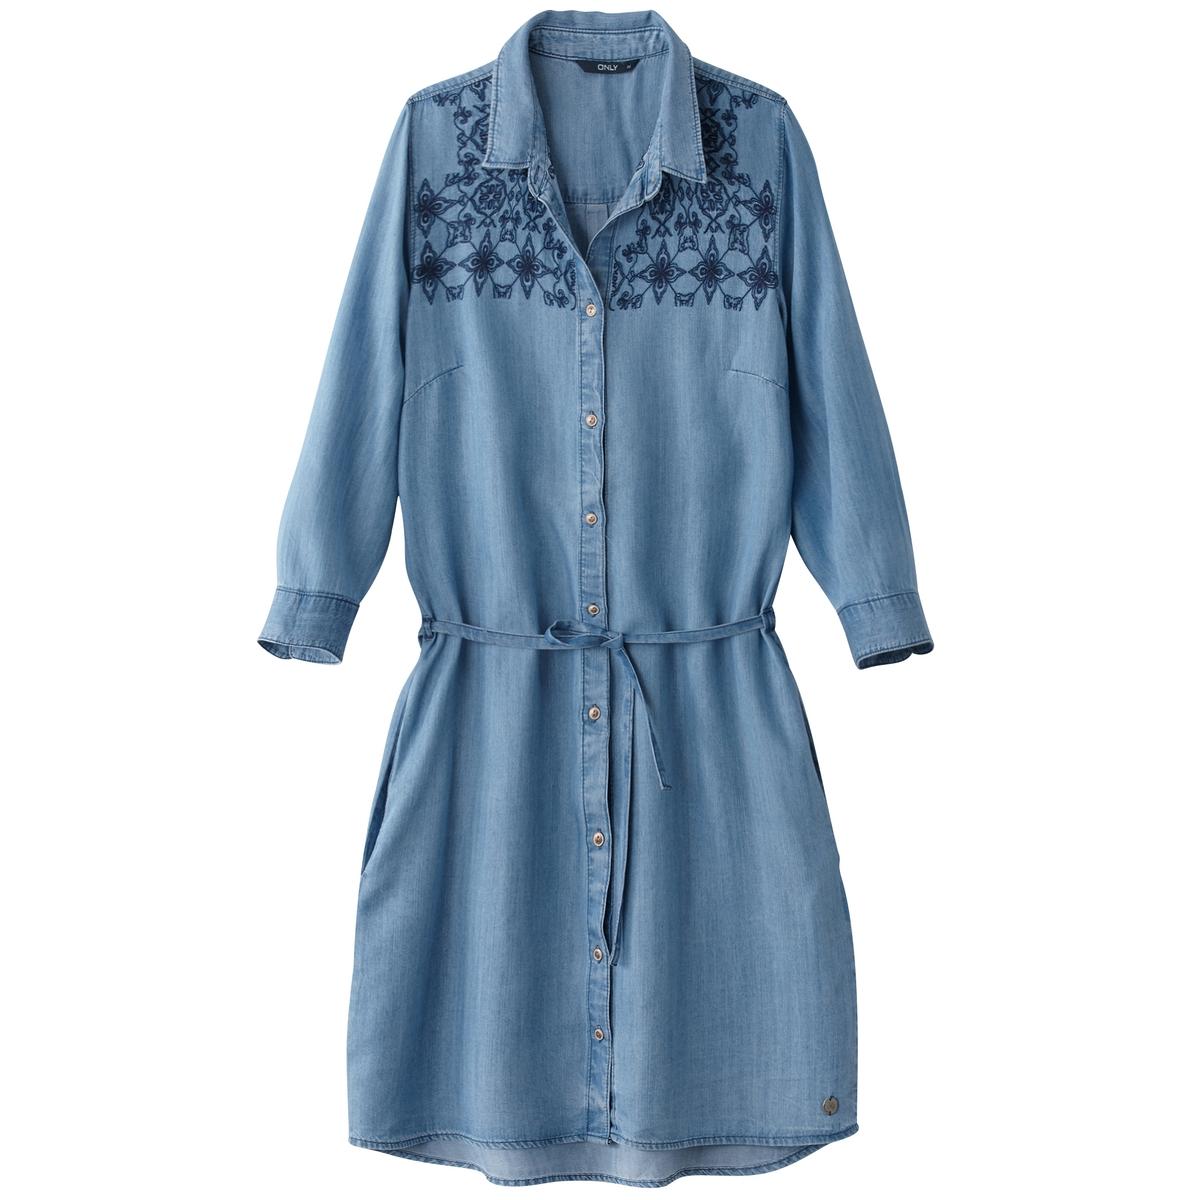 Платье из денима с вышивкой и длинными рукавамиМатериал : 100% лиоцелл  Длина рукава : Длинные рукава  Форма воротника : воротник-поло, рубашечный. Покрой платья : платье прямого покроя  Рисунок : Однотонная модель   Длина платья : до колен<br><br>Цвет: синий потертый